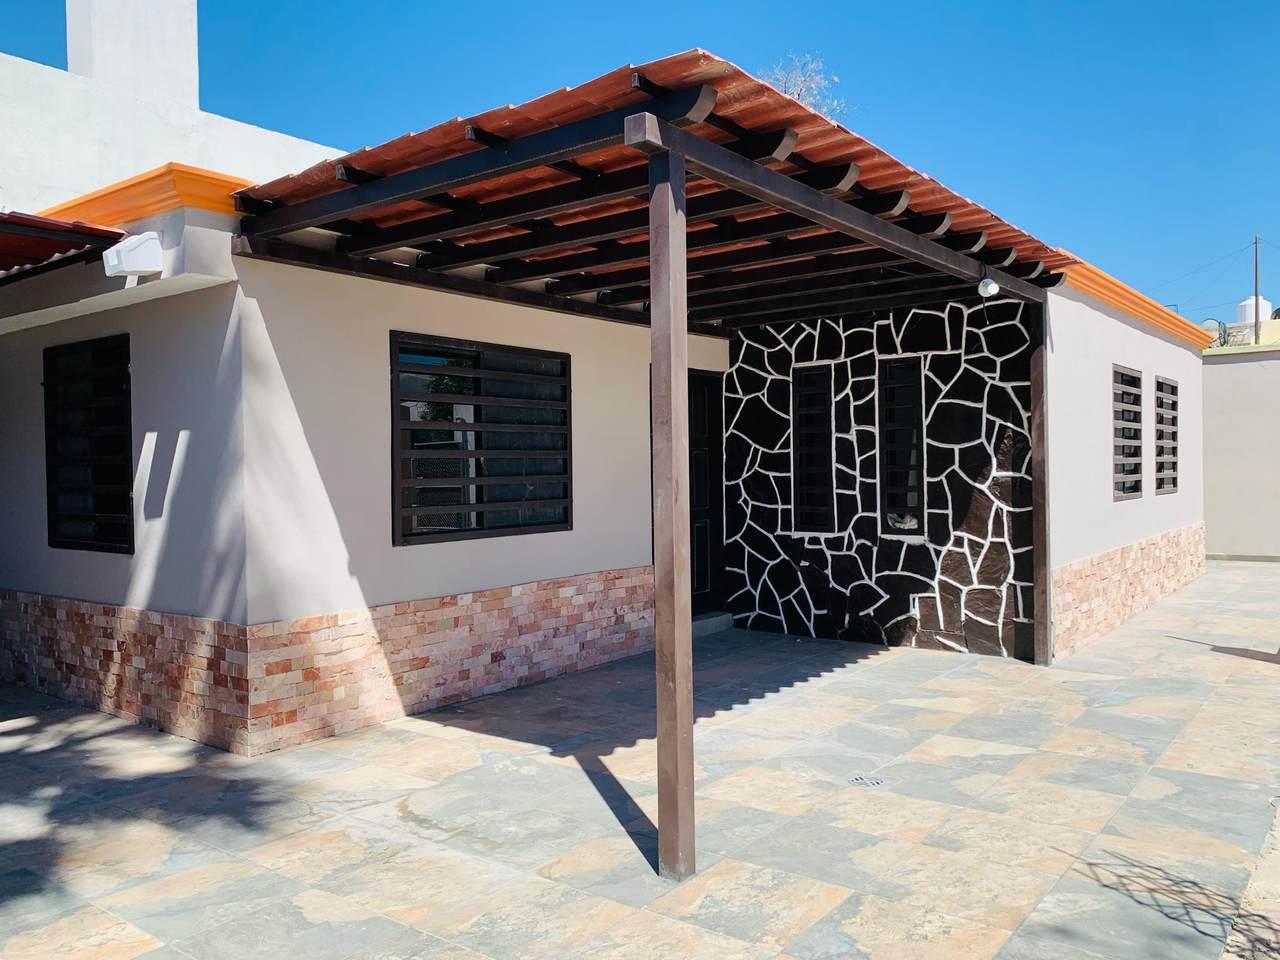 1530 Calle Retorno 2 - Photo 1